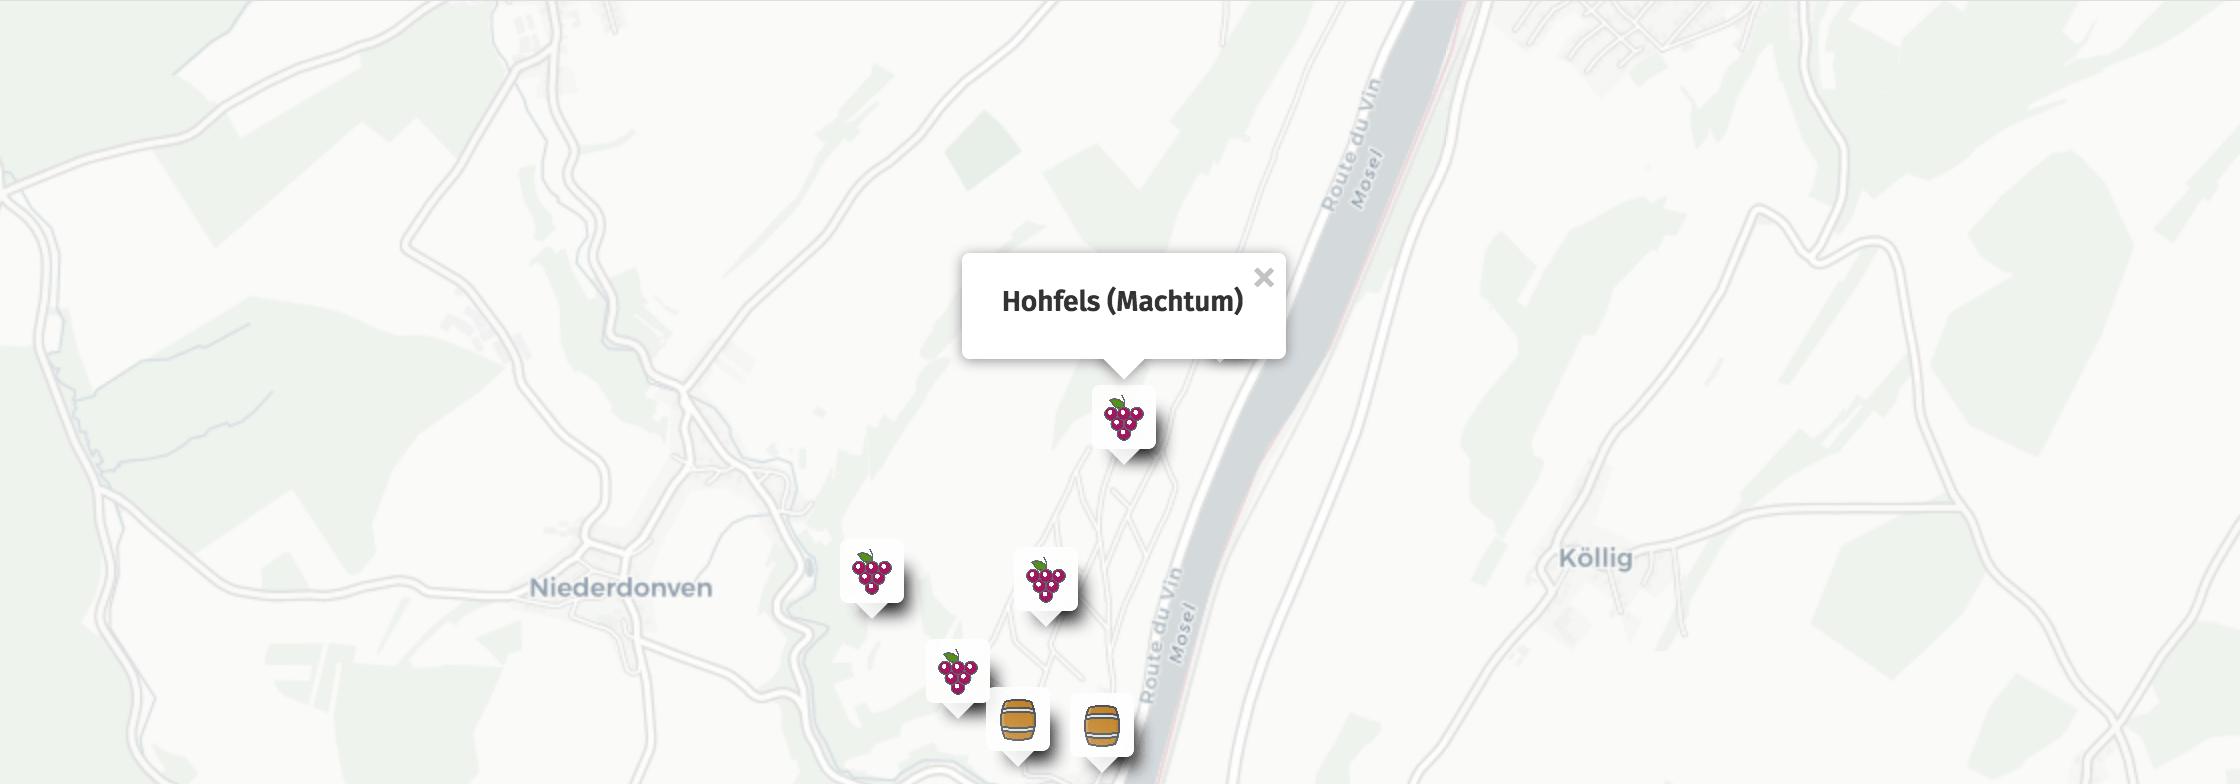 Geolocalisation des vins du Hohfels à Machtum